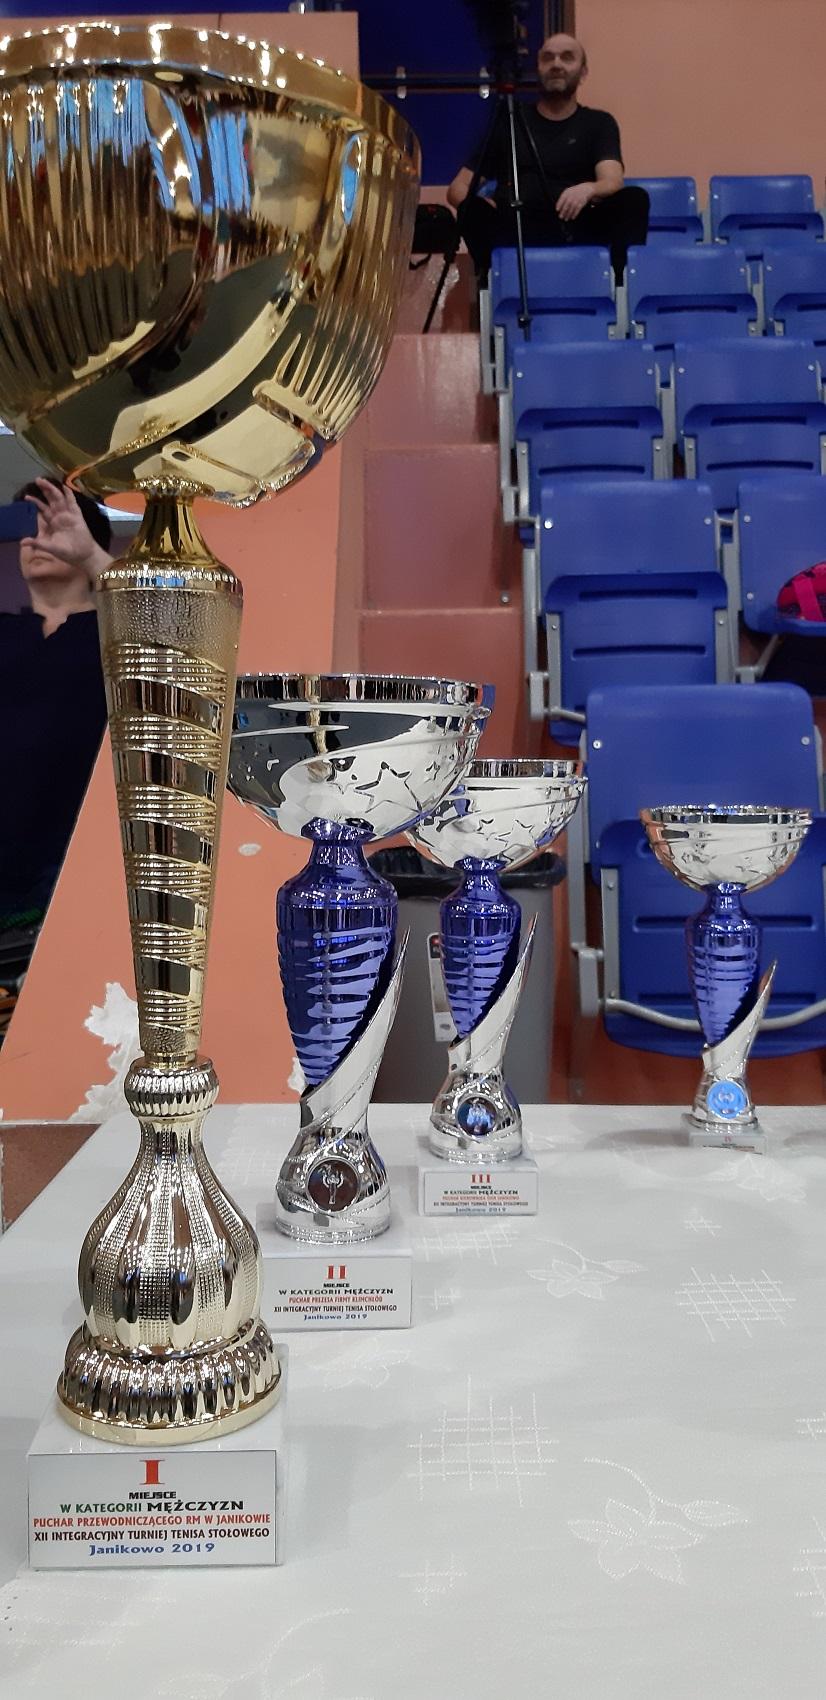 XII Wojewódzki Integracyjny Turniej Tenisa Stołowego już za nami.